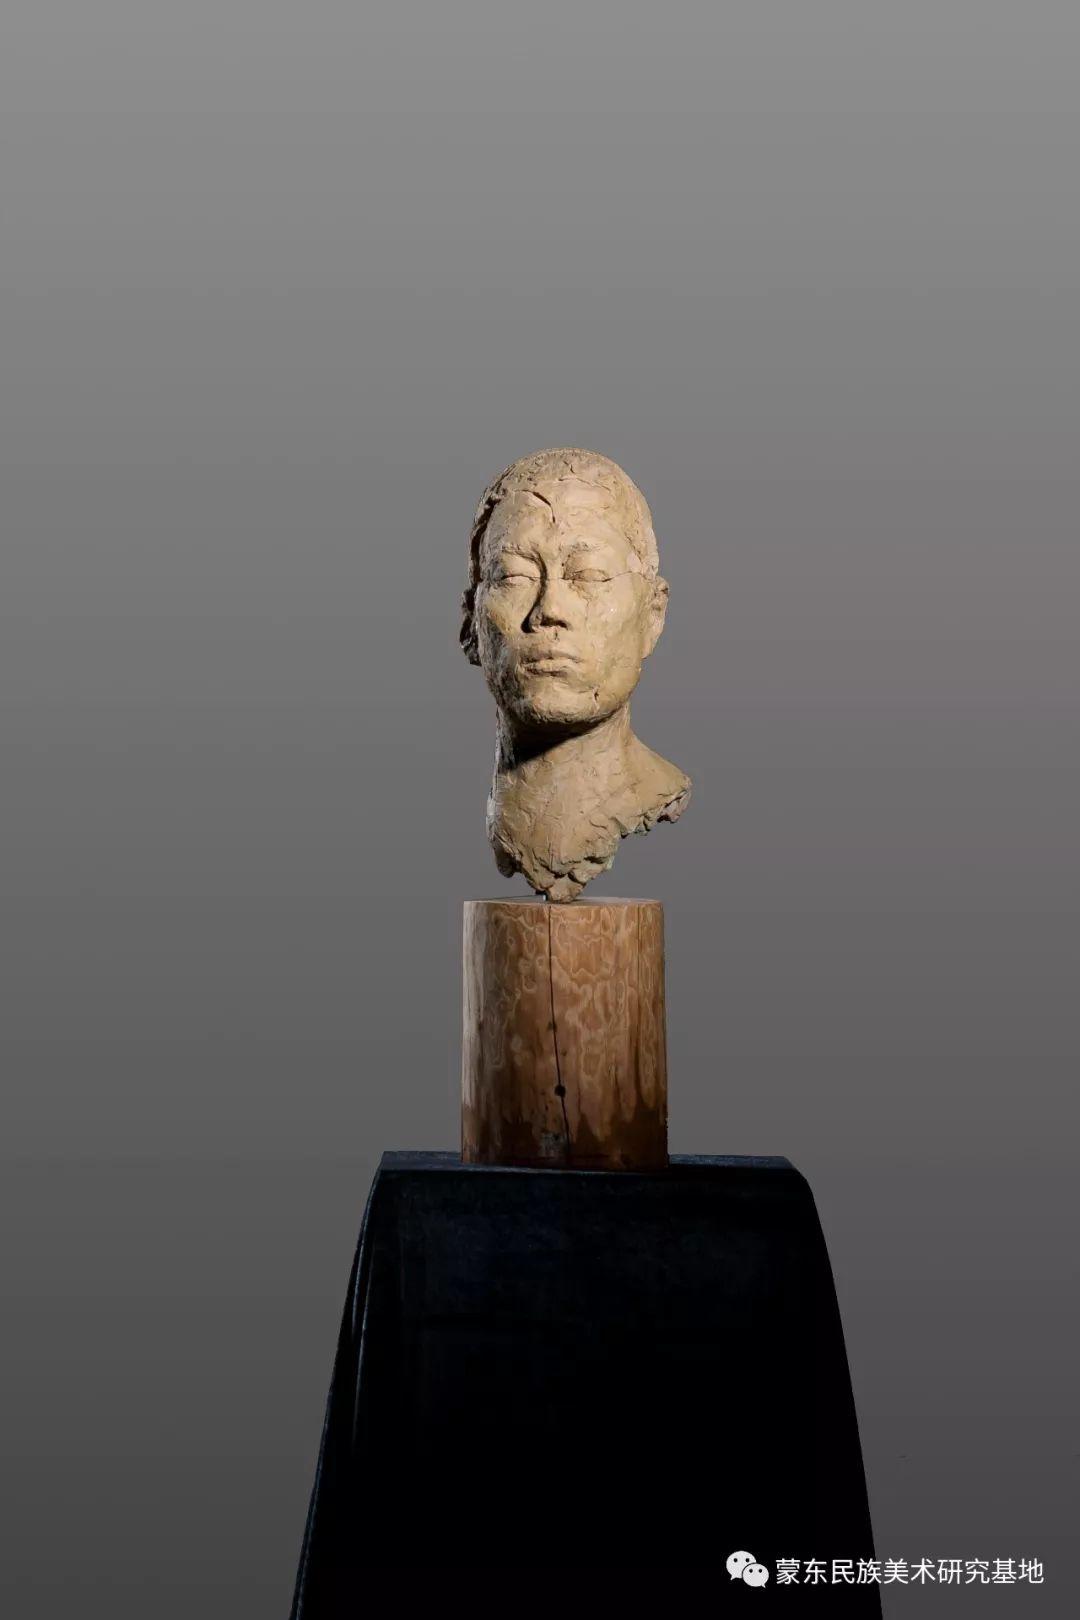 包格日乐吐作品——头像雕塑系列(二) 第3张 包格日乐吐作品——头像雕塑系列(二) 蒙古画廊